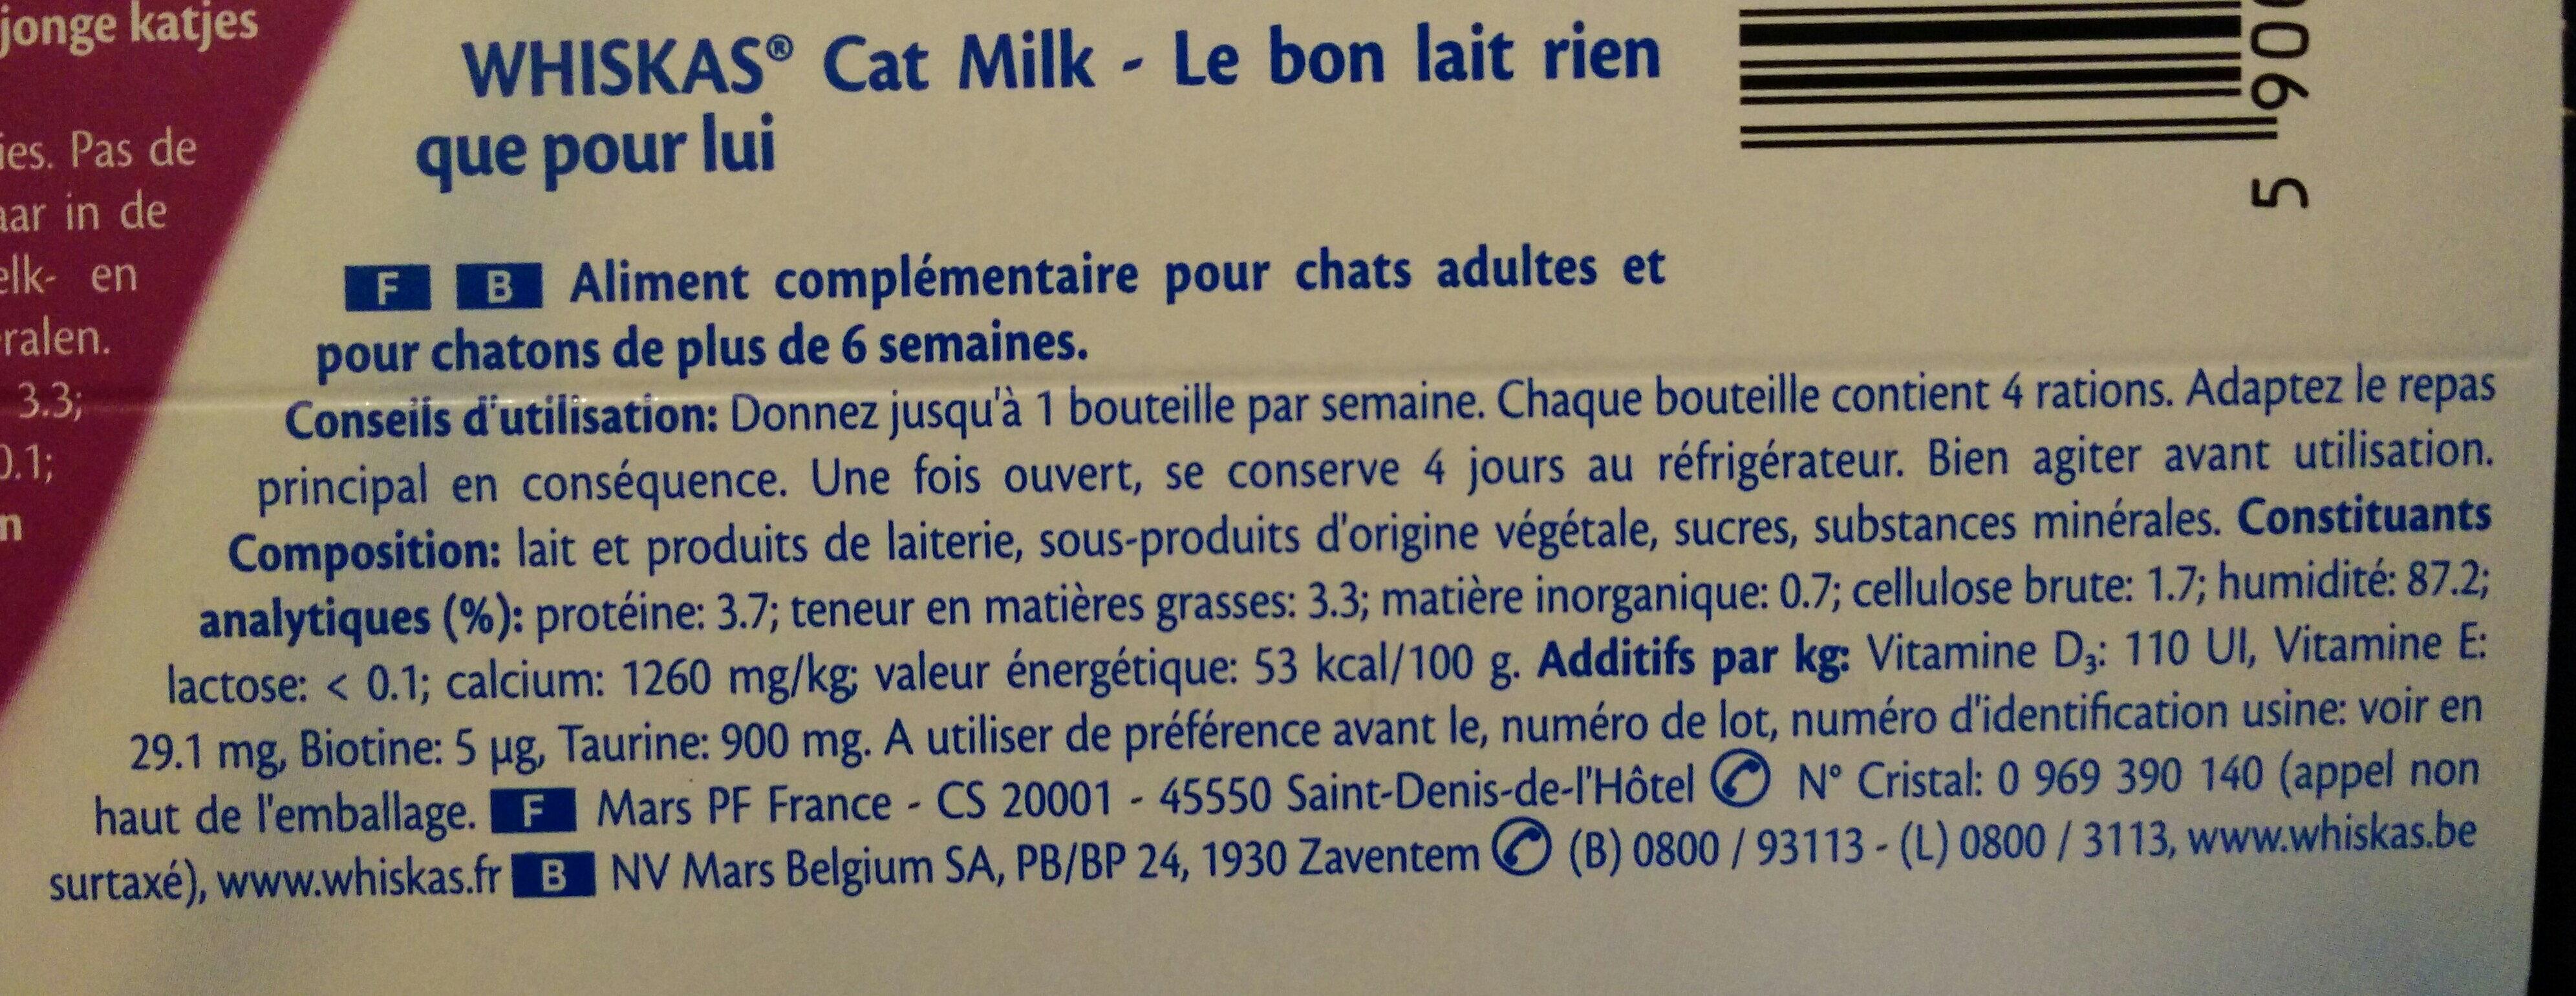 Lait pour chats et chatons - Nutrition facts